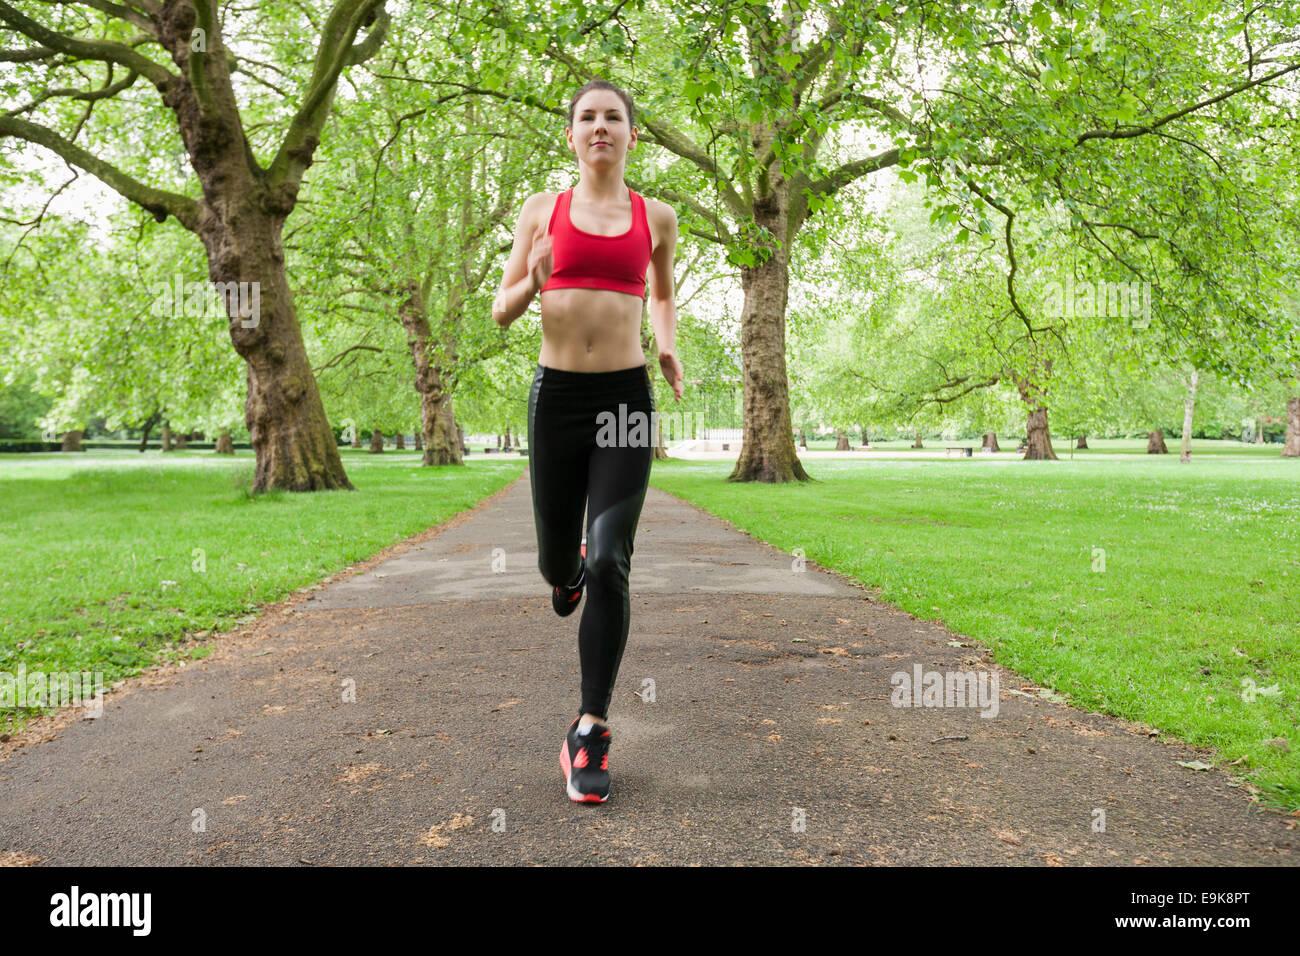 Toute la longueur de fit young woman jogging in park Banque D'Images